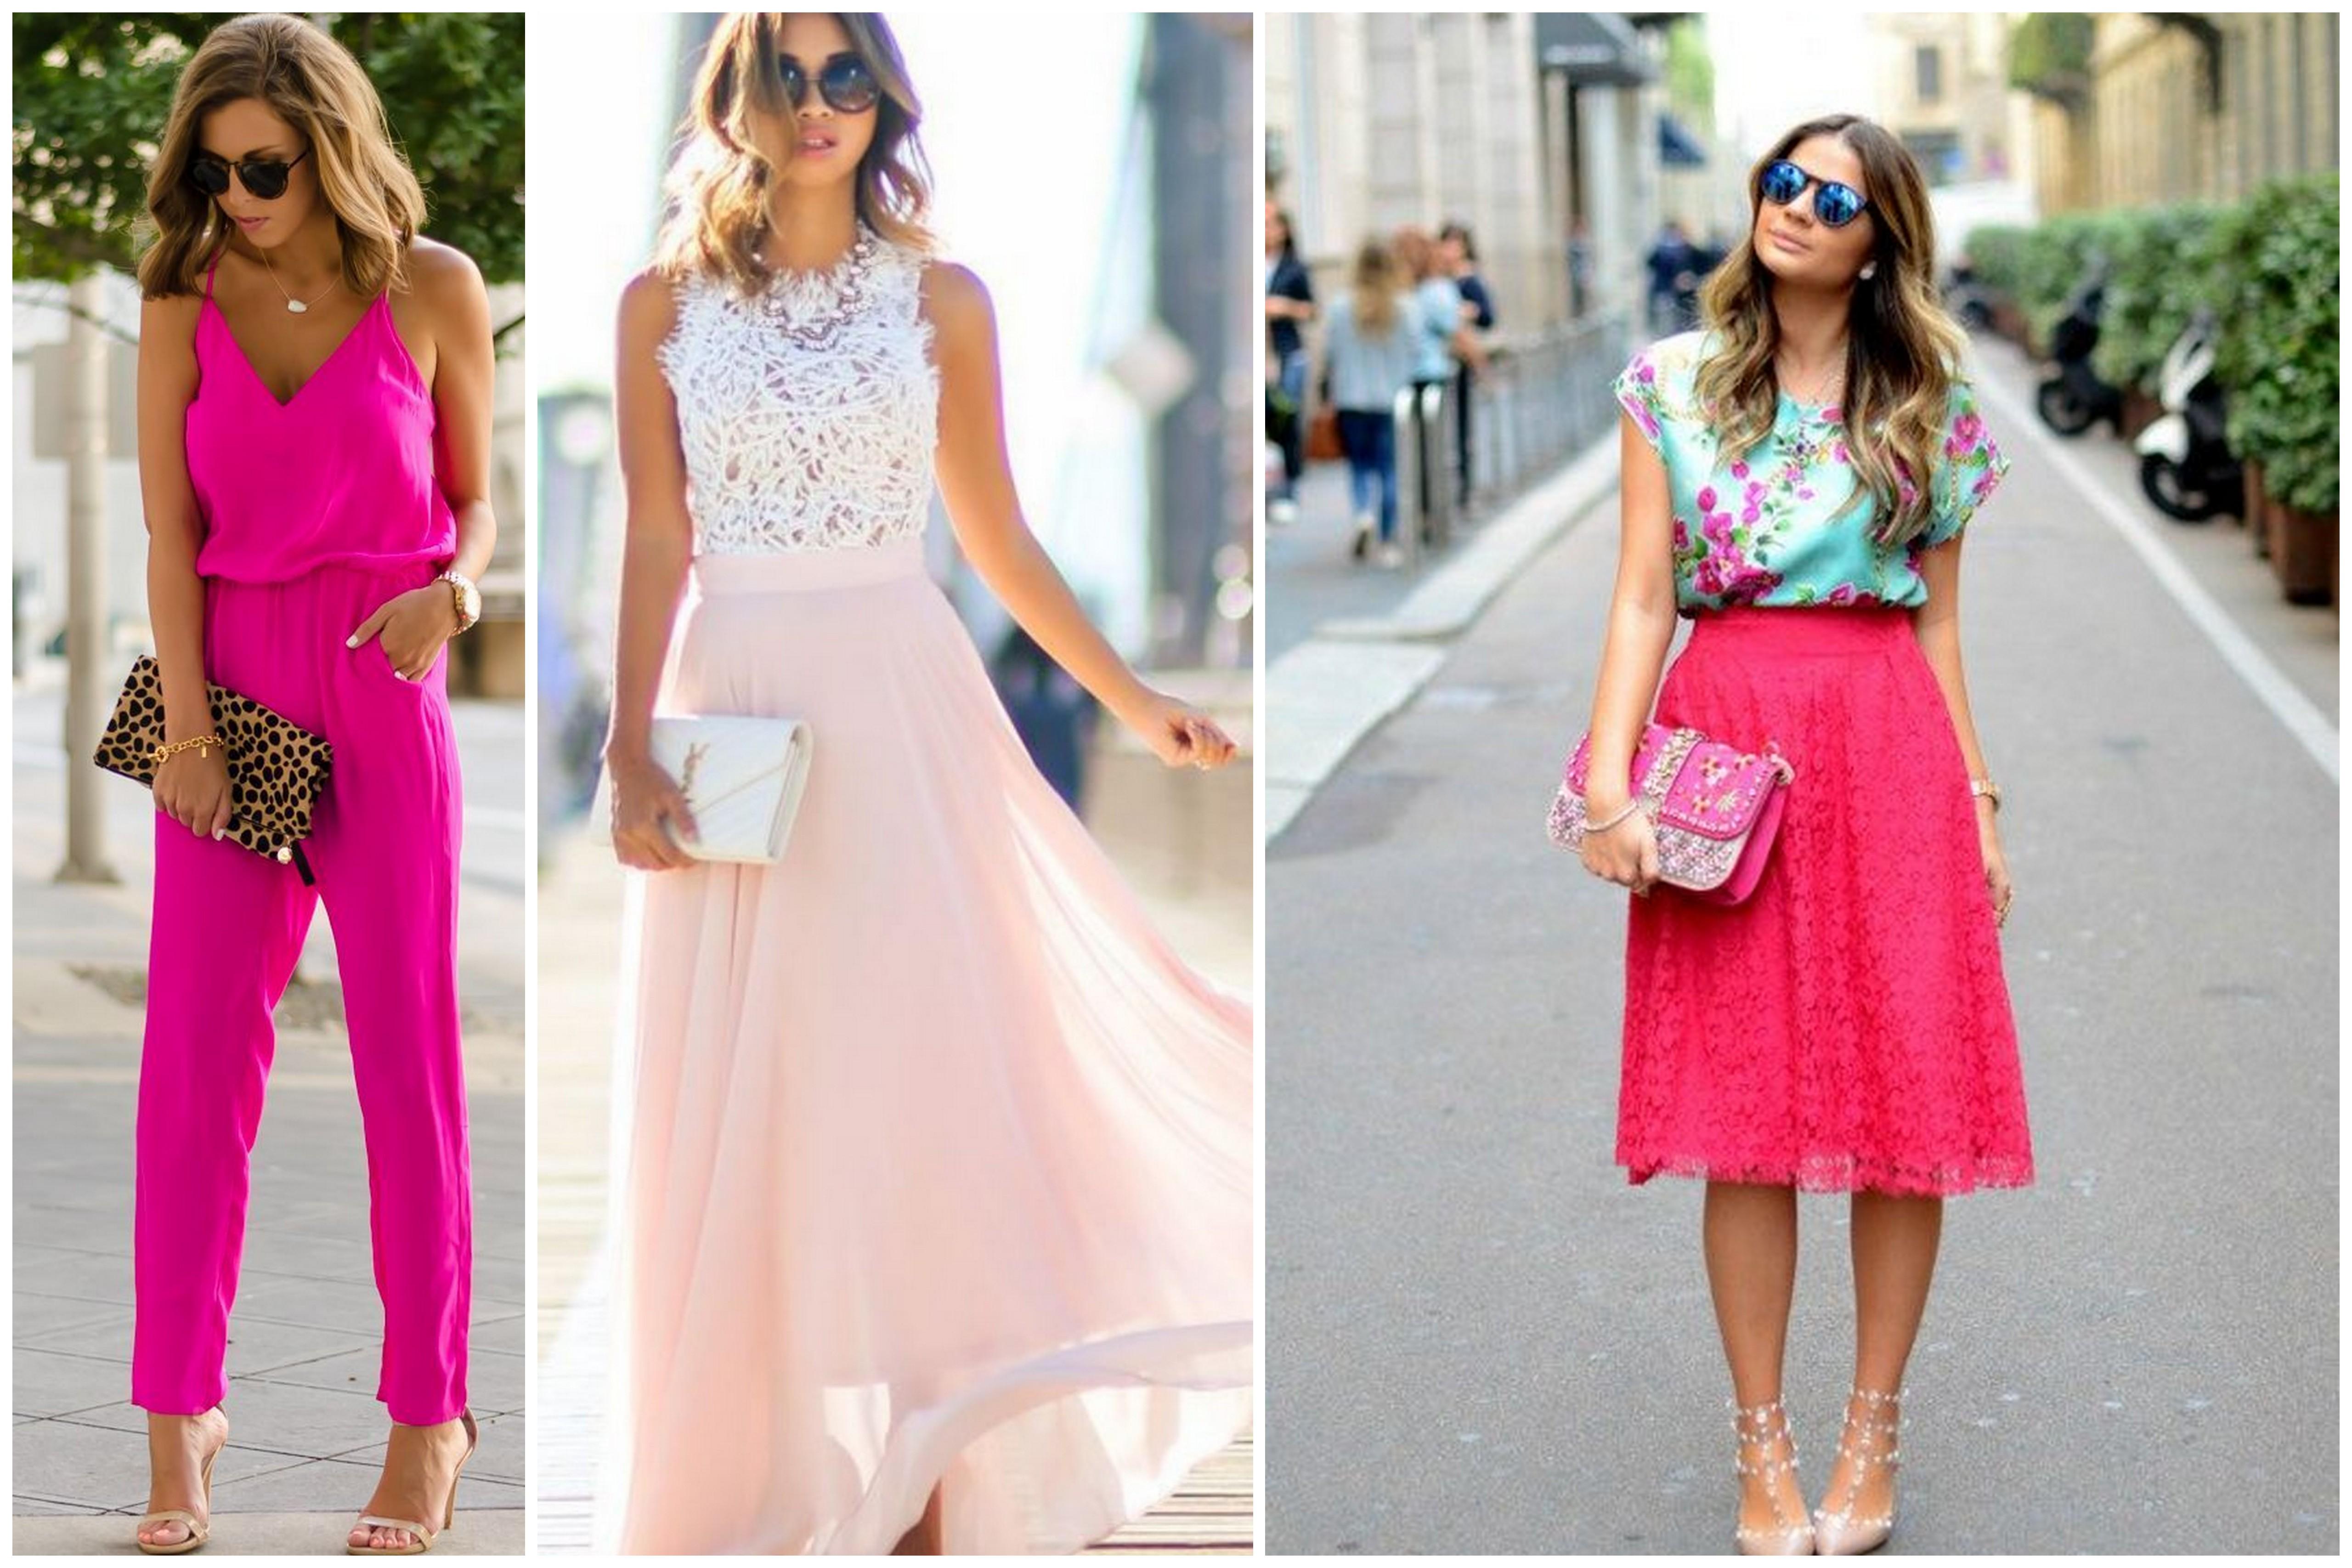 5e61cf81ec18 Invitata al matrimonio  cosa indosserai  - Colorato di Pink